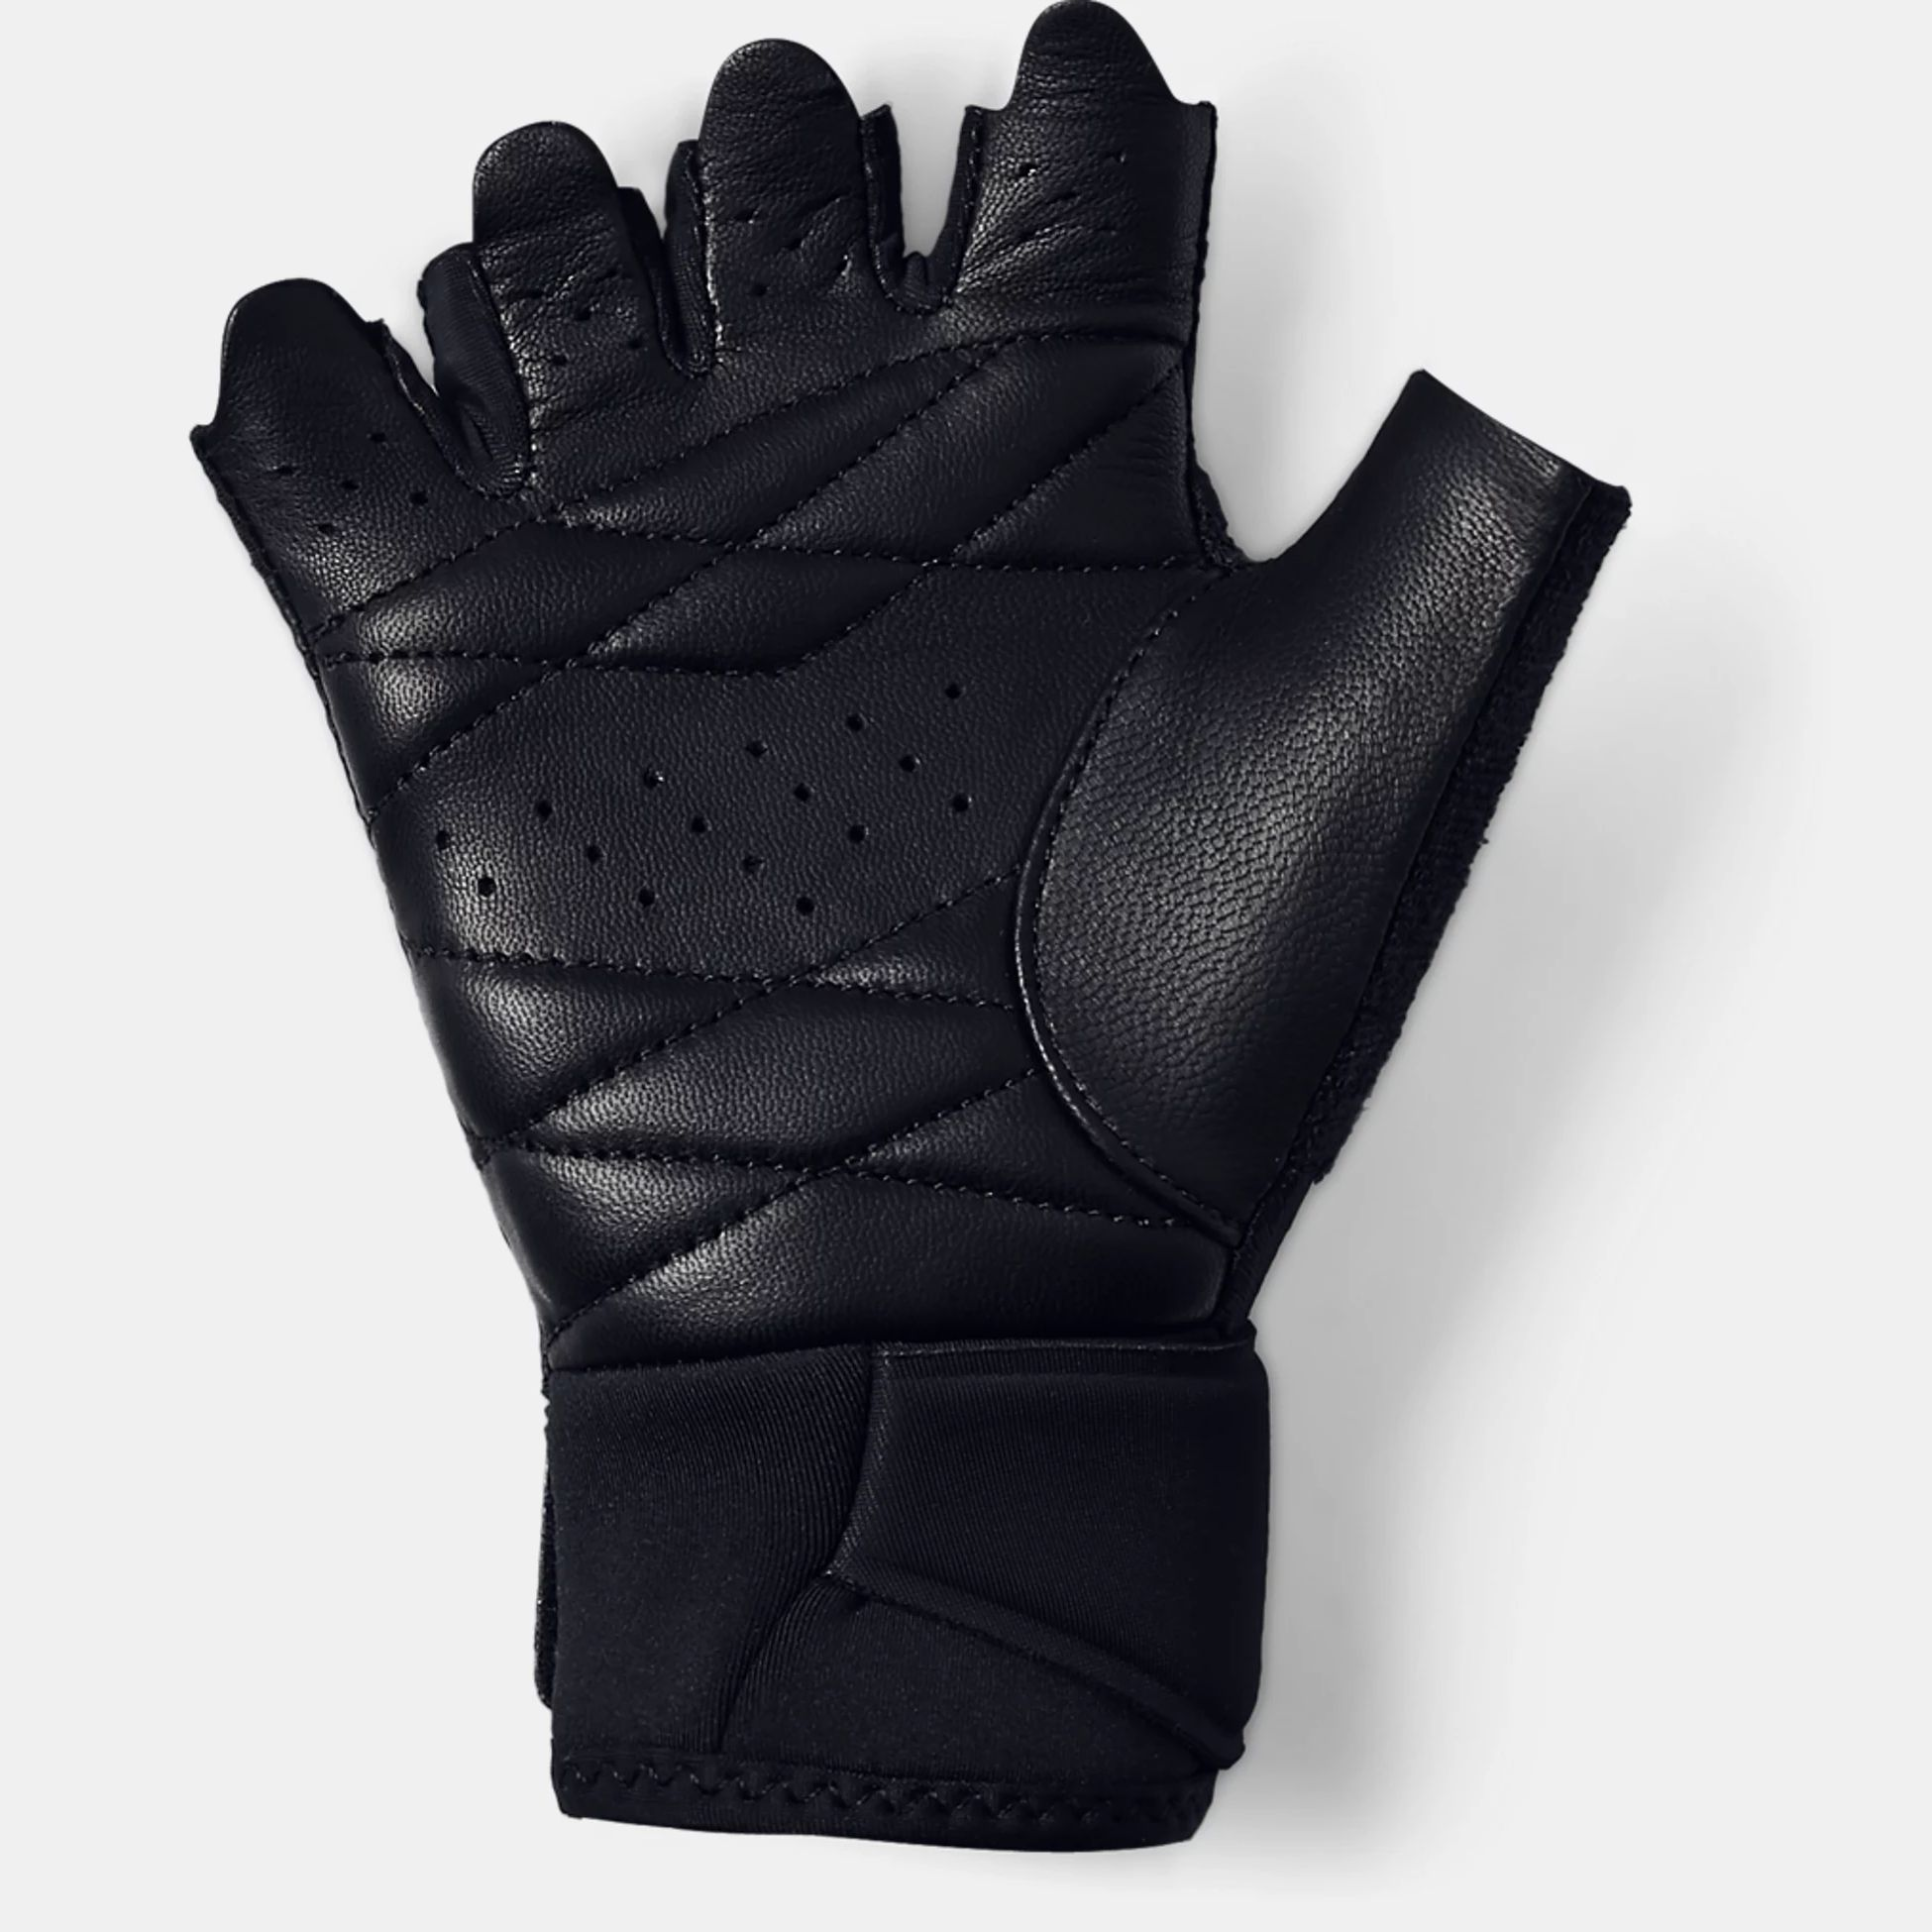 Accessories -  under armour UA Medium Training Gloves 9327